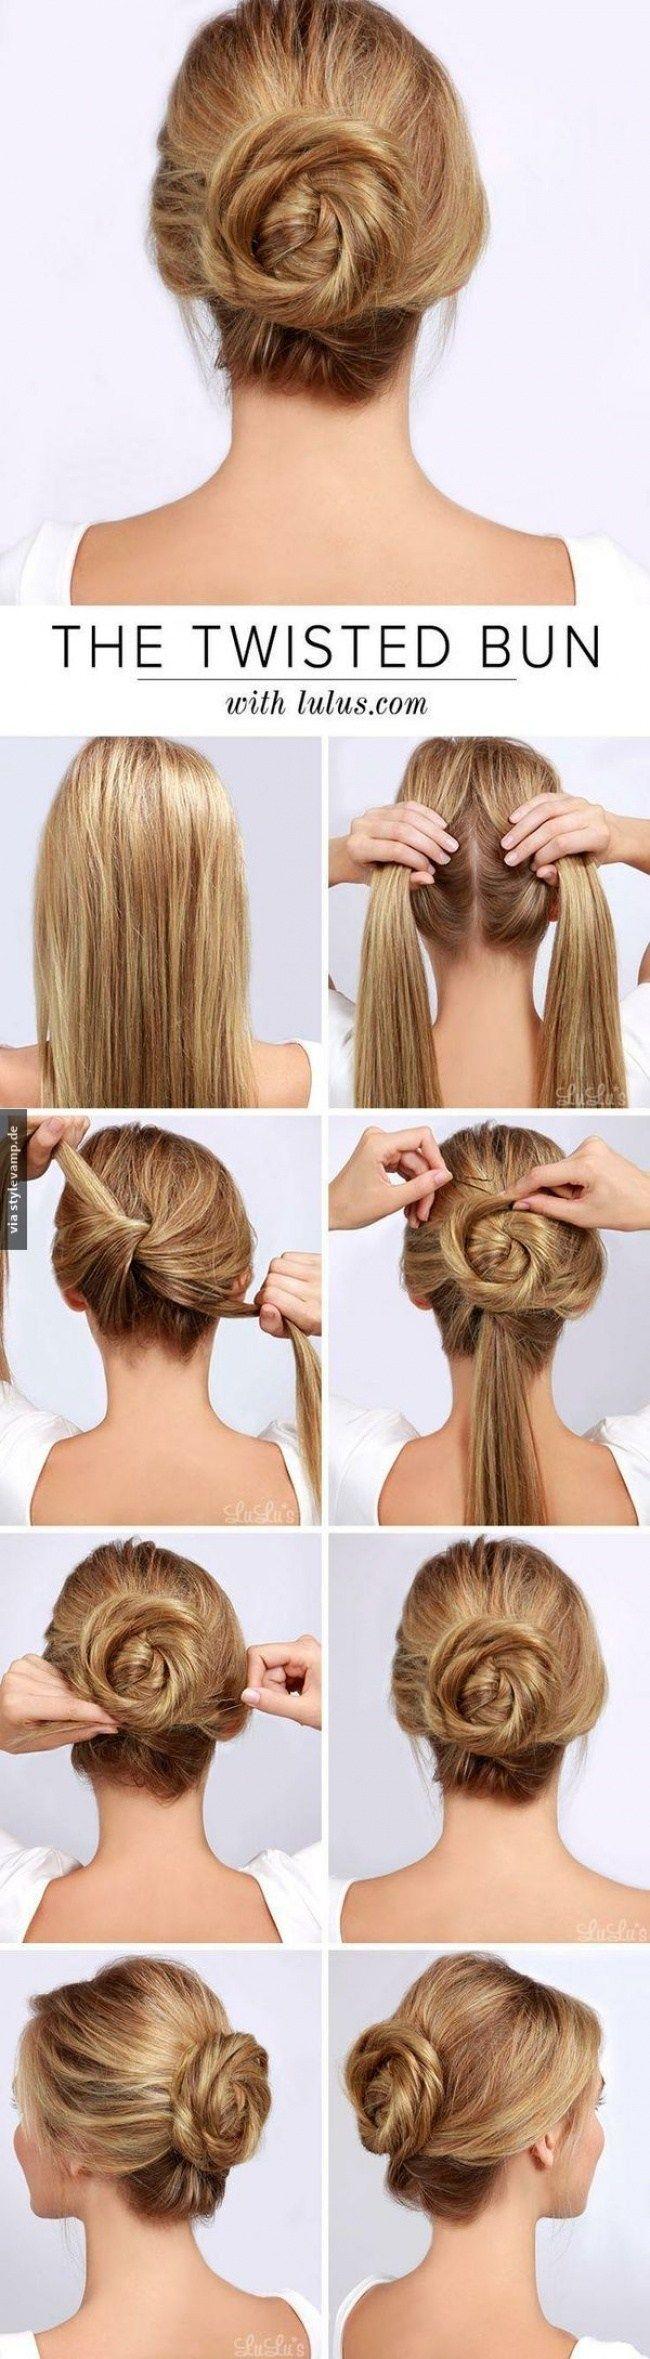 Un look impactante con peinados para bodas faciles de hacer en casa Imagen de cortes de pelo consejos - Peinados fáciles de hacer en casa que no debes dejar de ...